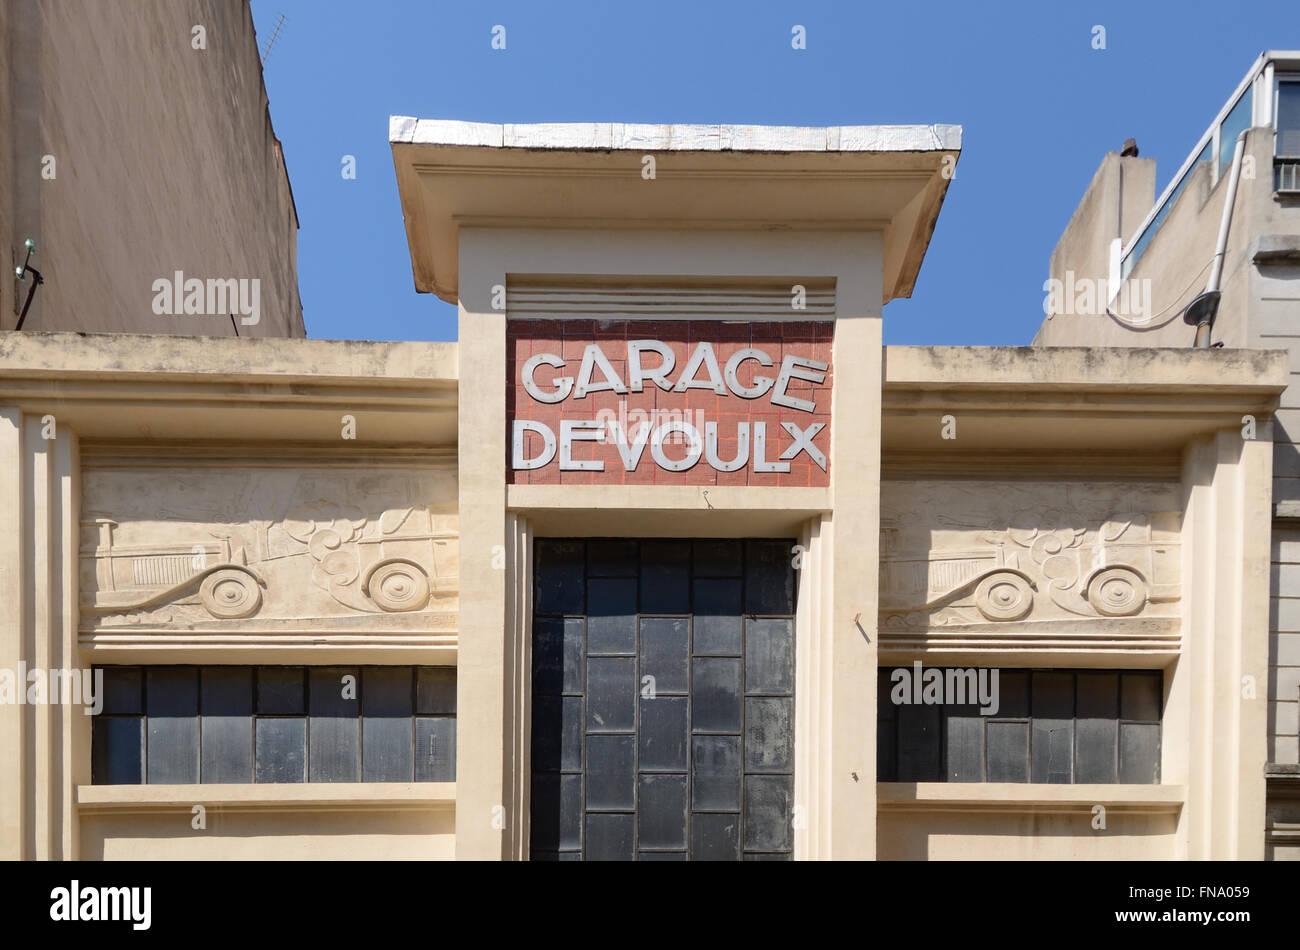 Façade Of 1920s Art Deco Garage Devoulx With Bas Relief Or Carving